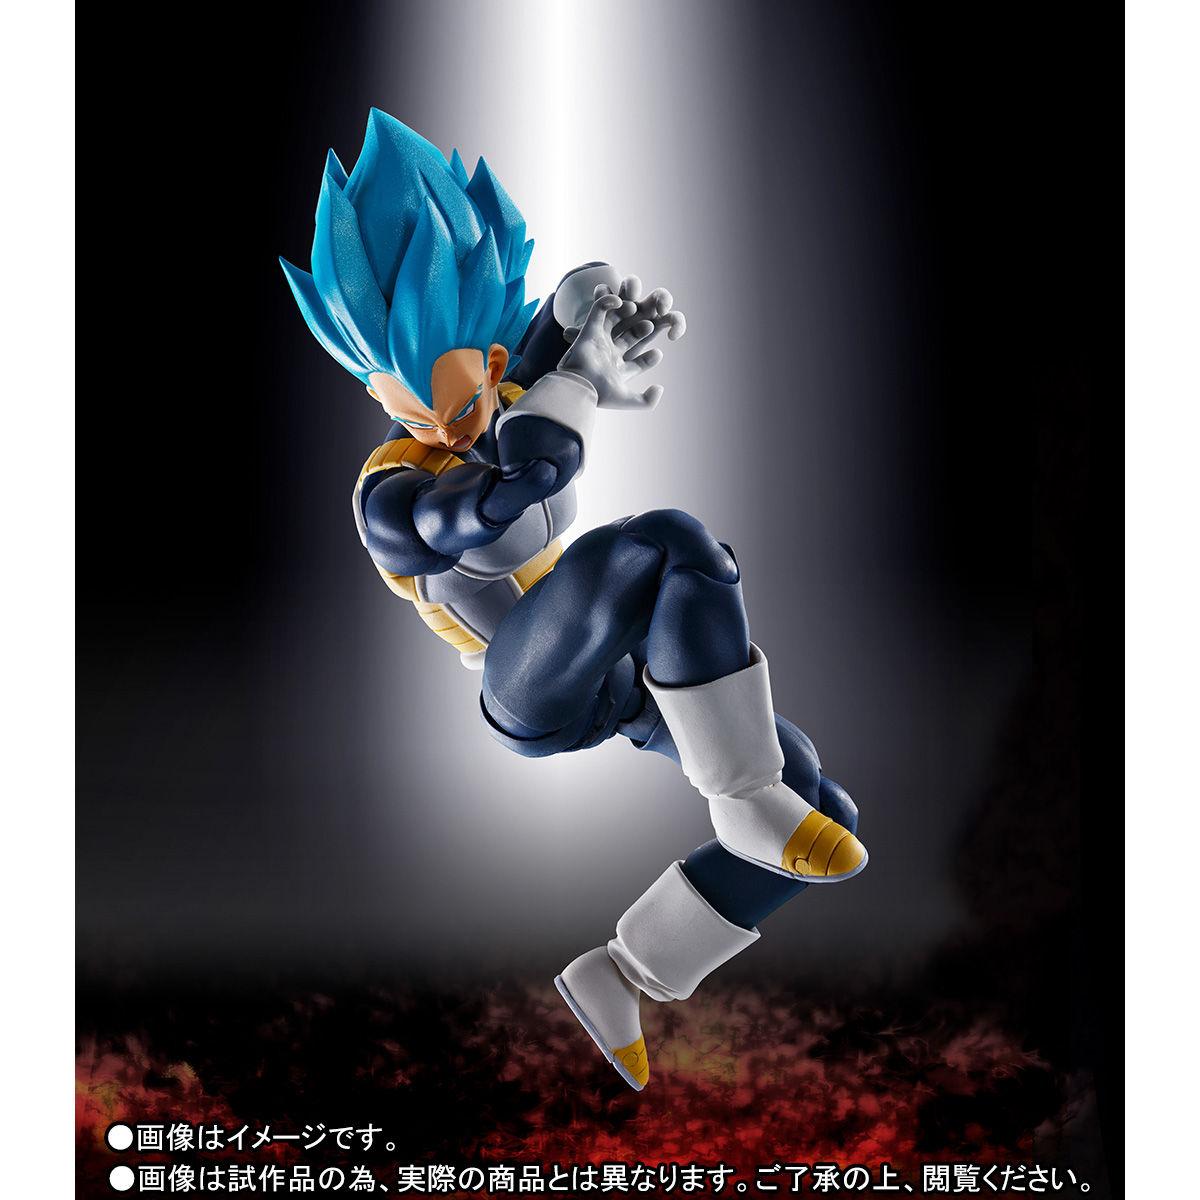 S.H.フィギュアーツ『スーパーサイヤ人ゴッドスーパーサイヤ人 ベジータ-超-』ドラゴンボール超 可動フィギュア-003